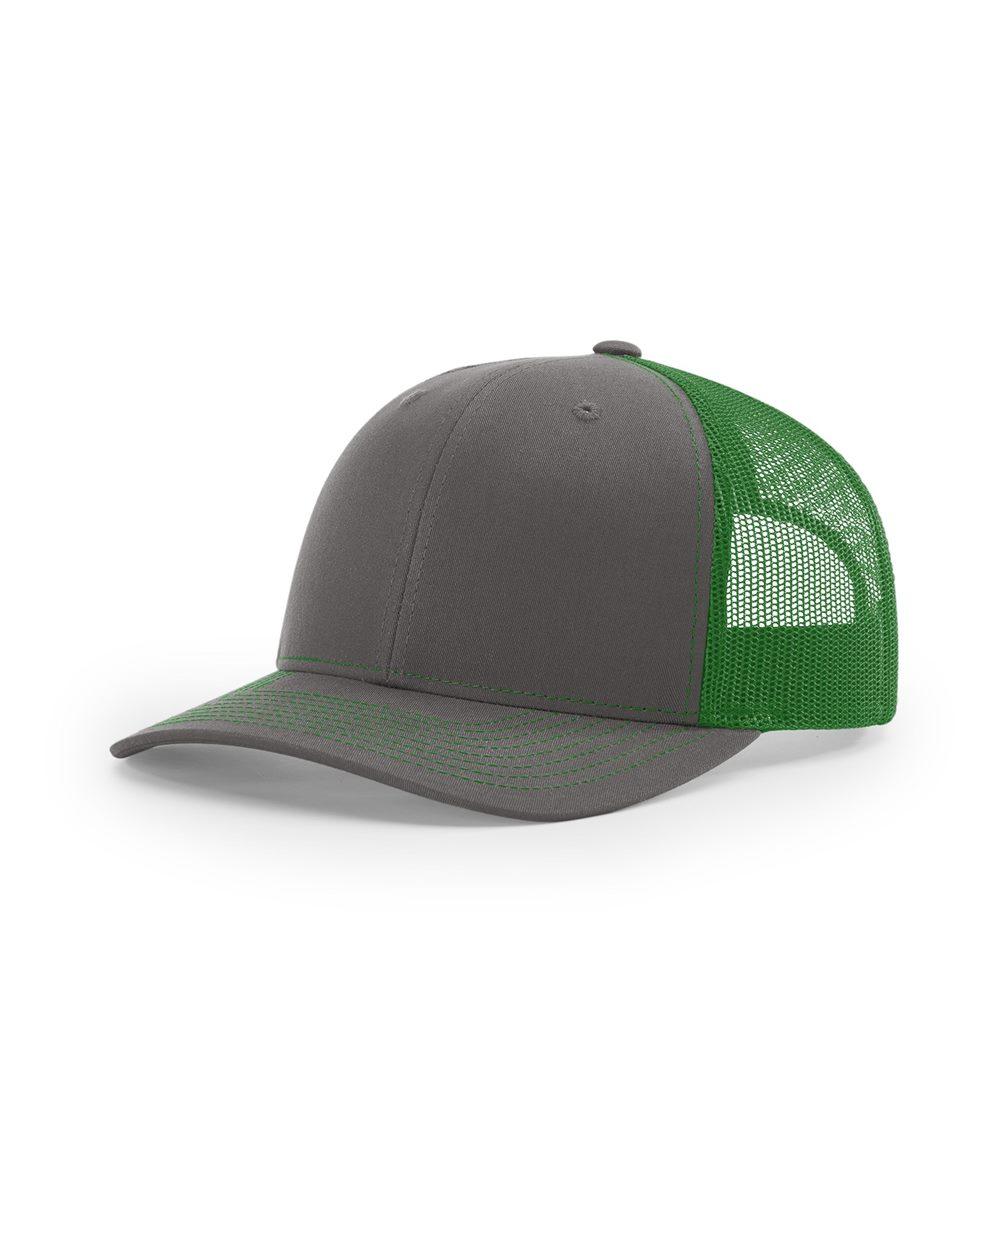 Richardson 112 Trucker Snapback Cap 4 86 Headwear